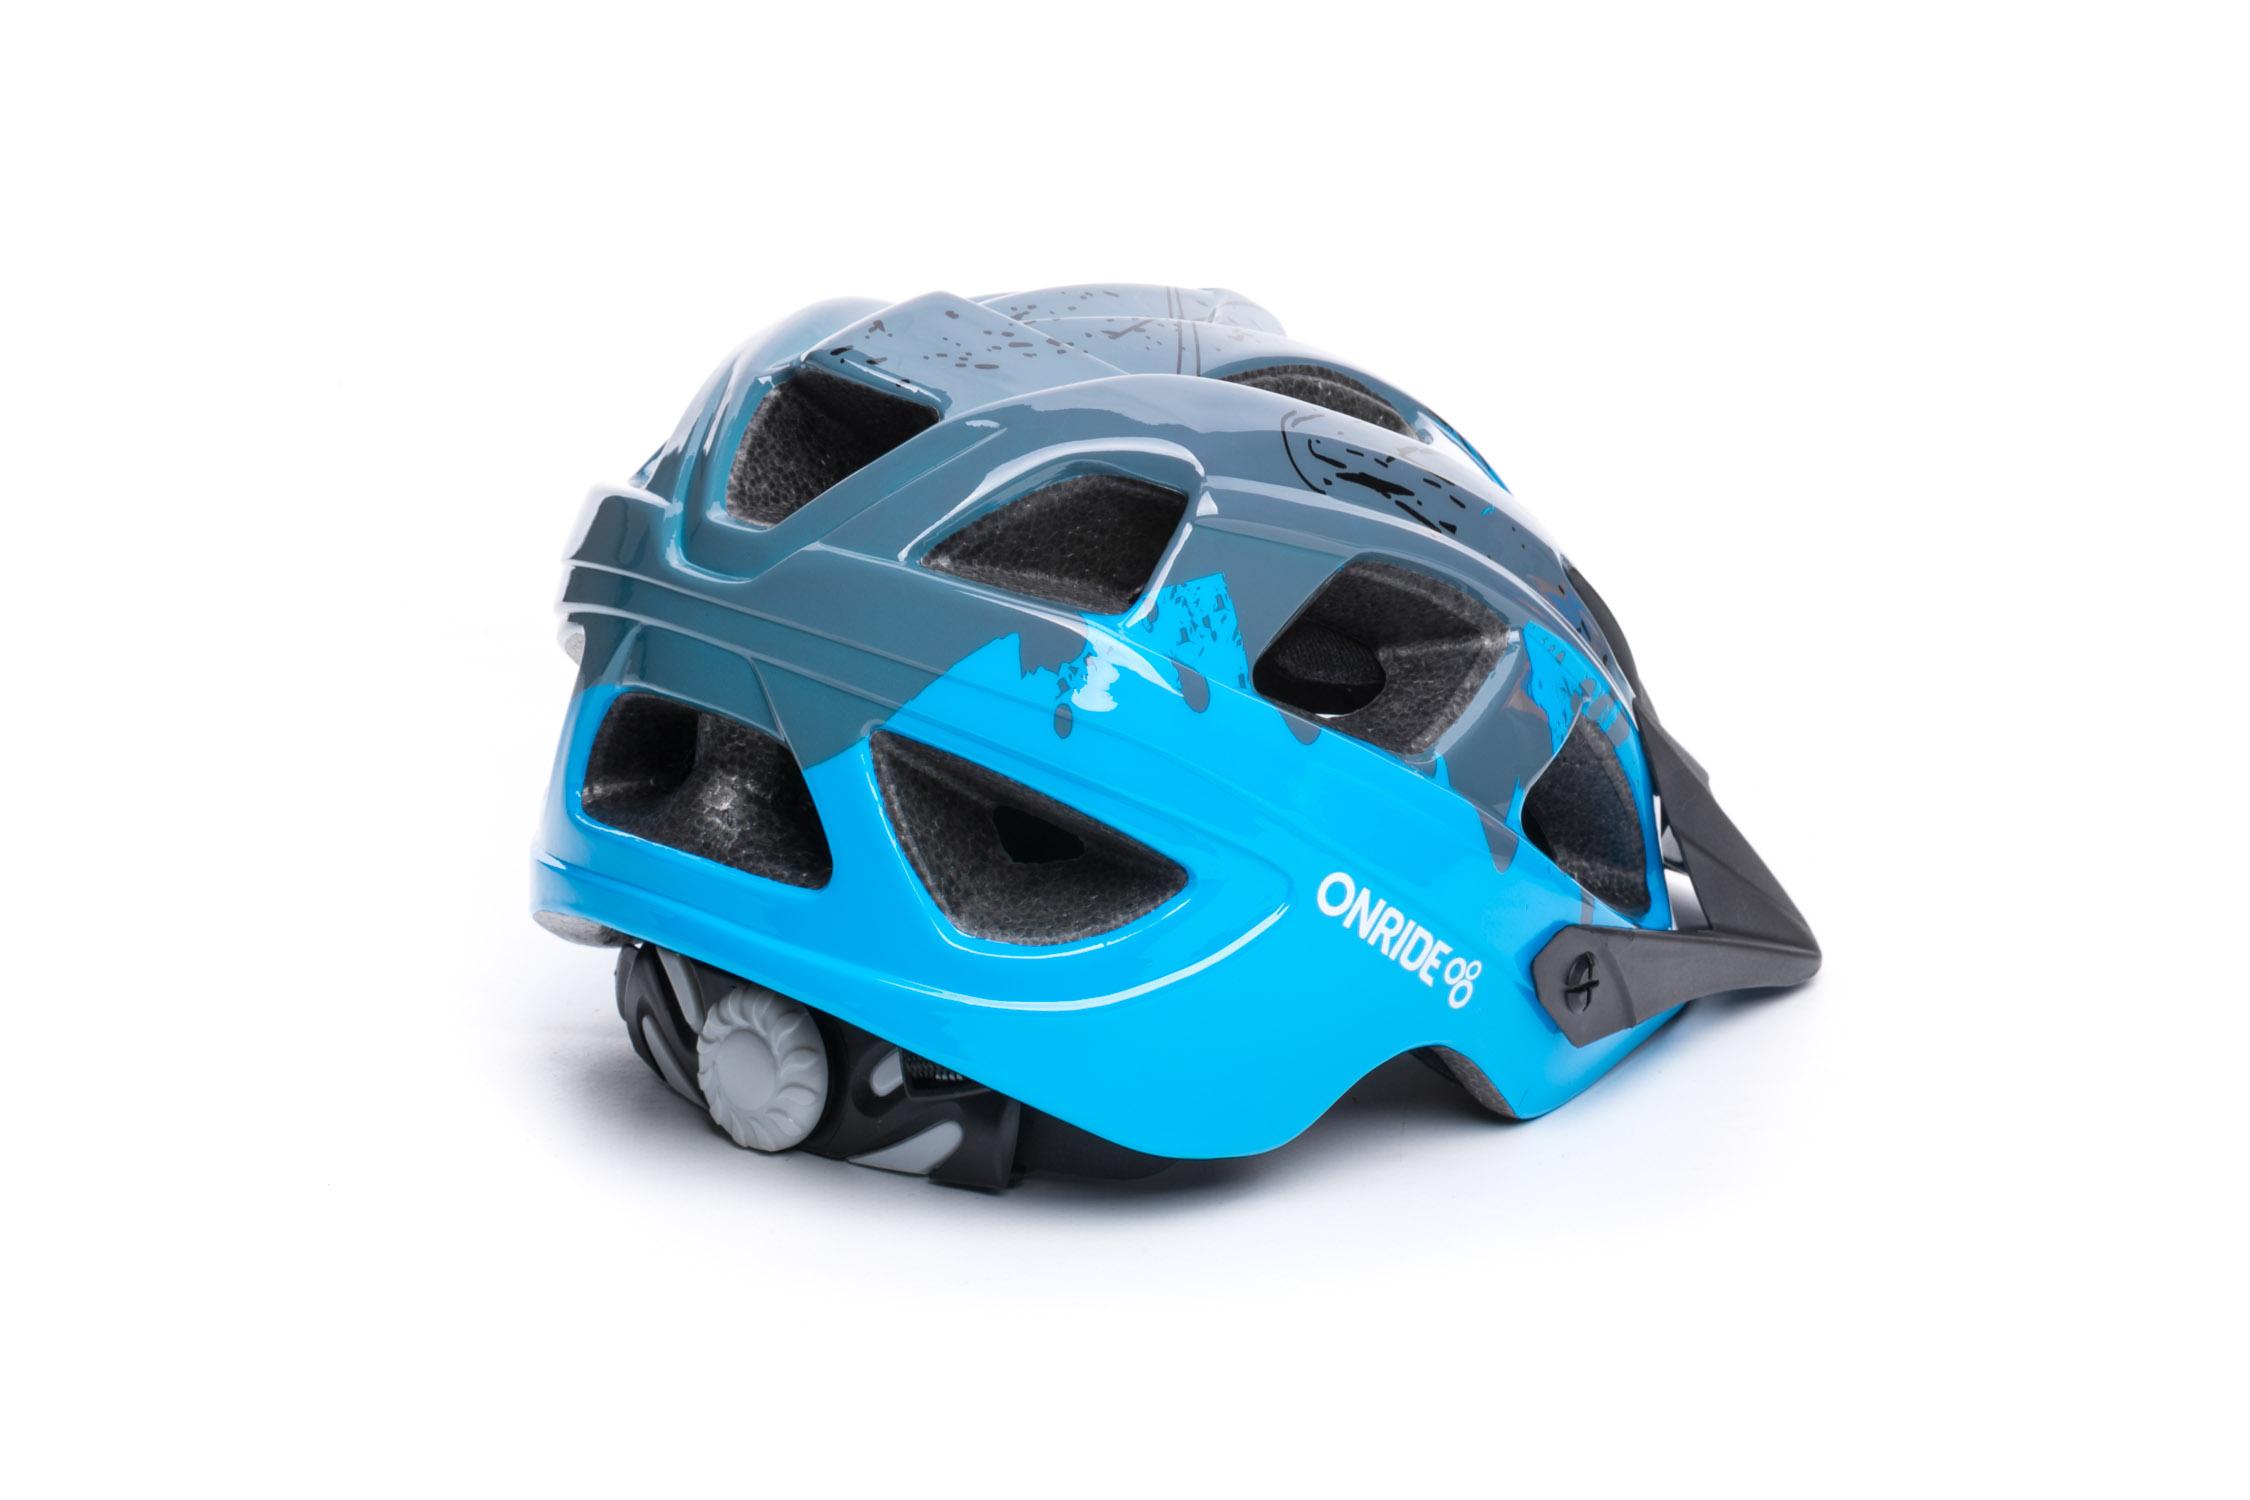 Шолом OnRide Rider глянцевий сірий/блакитний M (52-56 см)